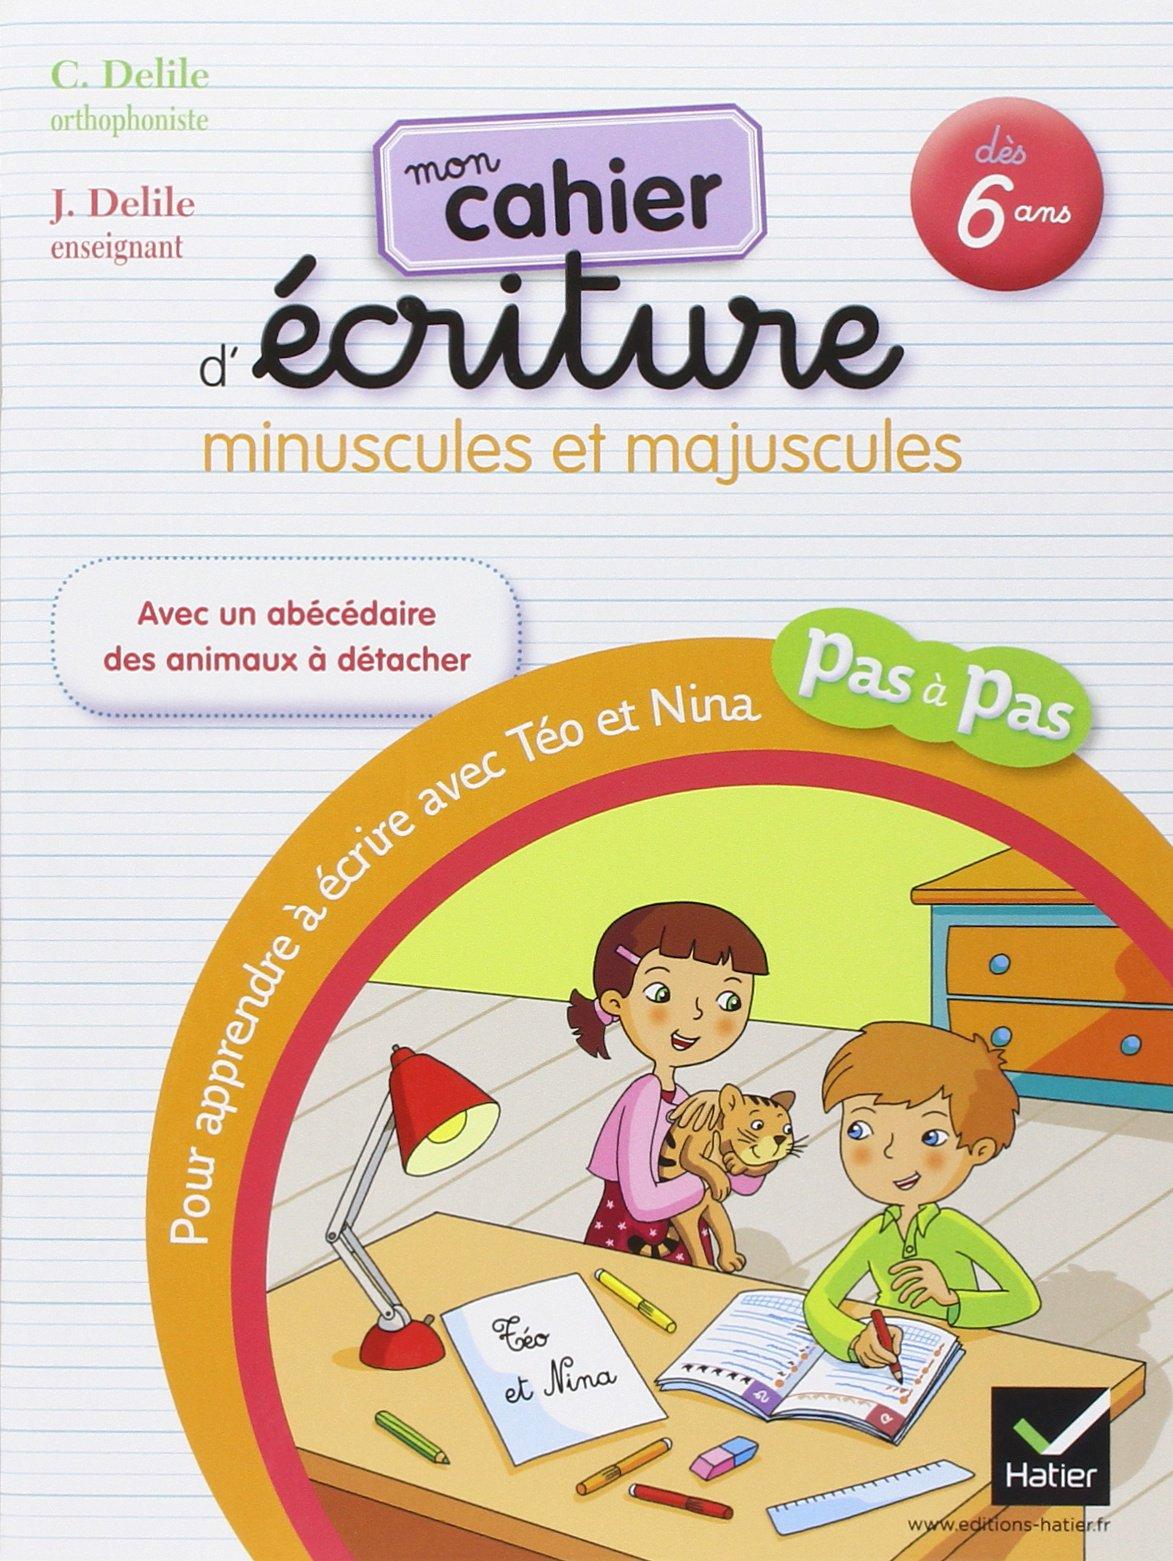 Mon cahier d'écriture pour apprendre à écrire pas à pas avec Téo et Nina Broché – 6 juillet 2011 Clémentine Delile Jean Delile Caroline Romanet Hatier